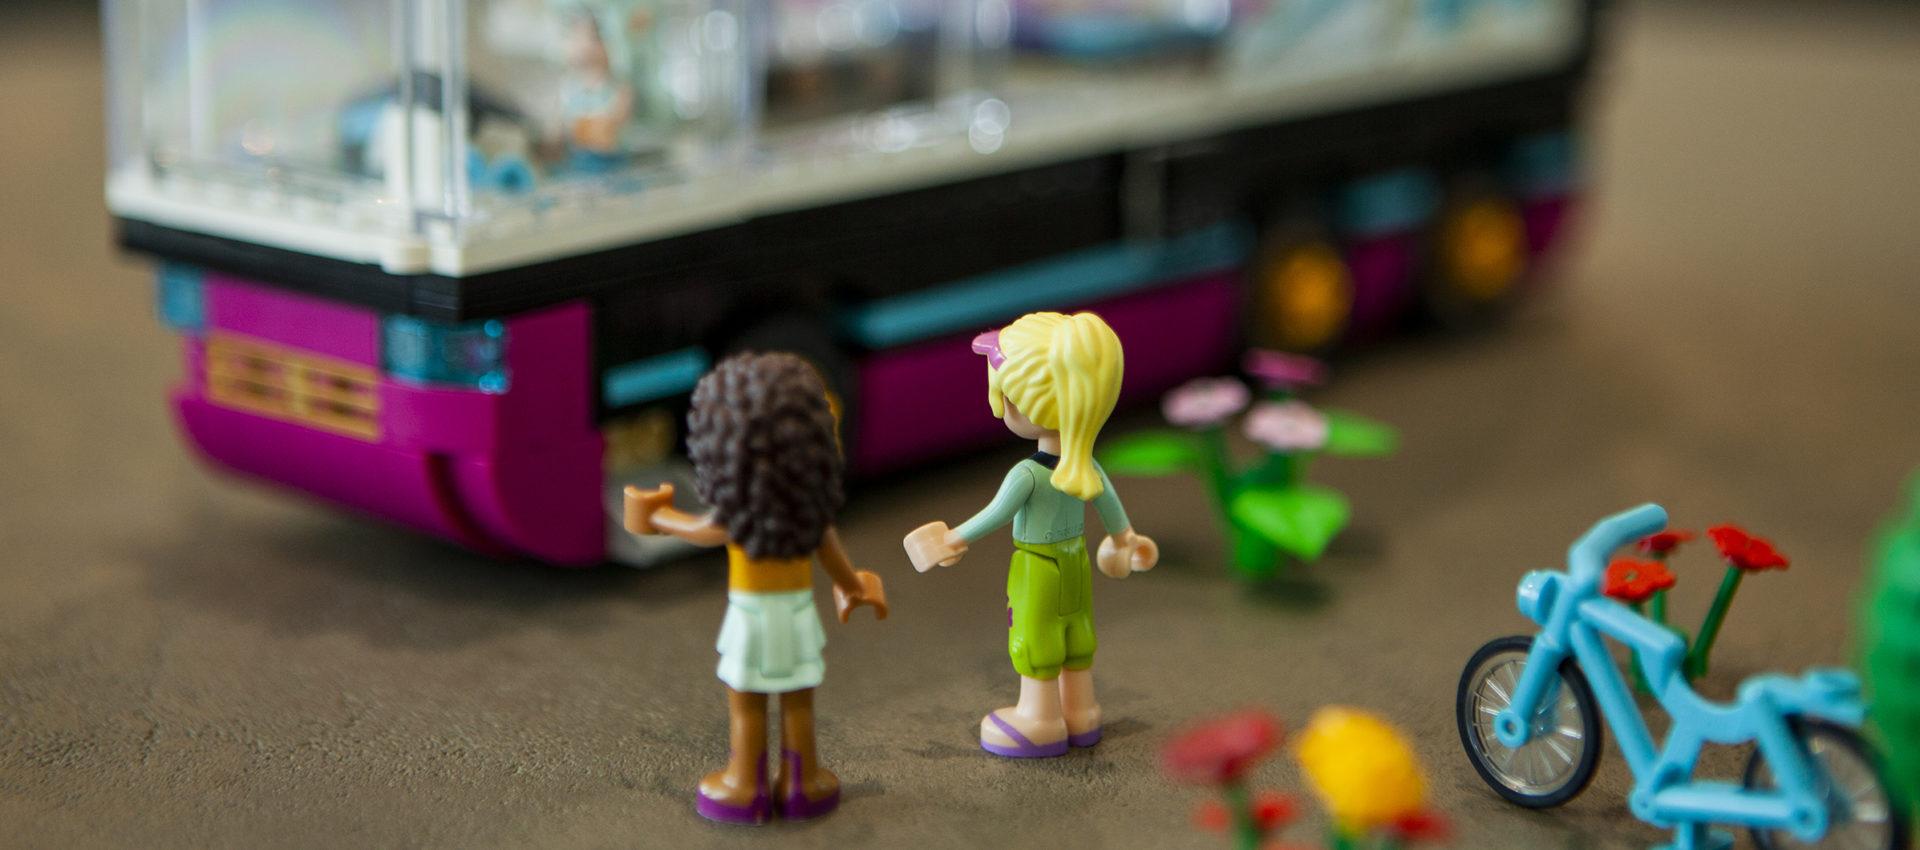 Legohahmoista tehty kuva, jossa kaksi koululaista odottaa bussia.